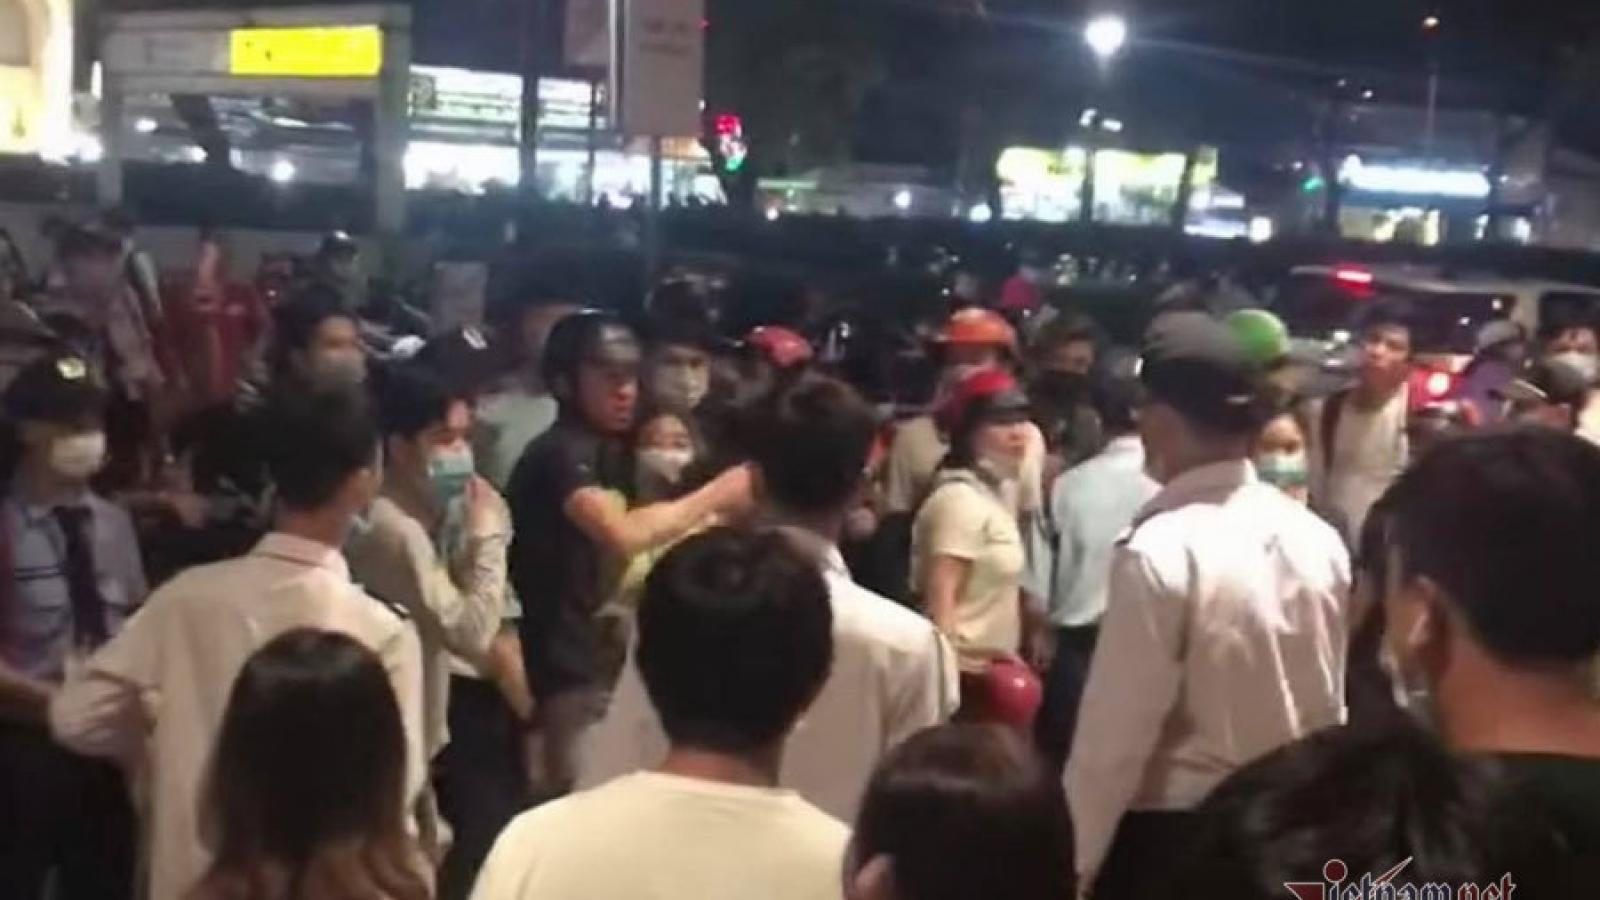 Ẩu đả đông người tại Aeon Mall Tân Phú, cảnh sát hình sự nổ súng trấn áp